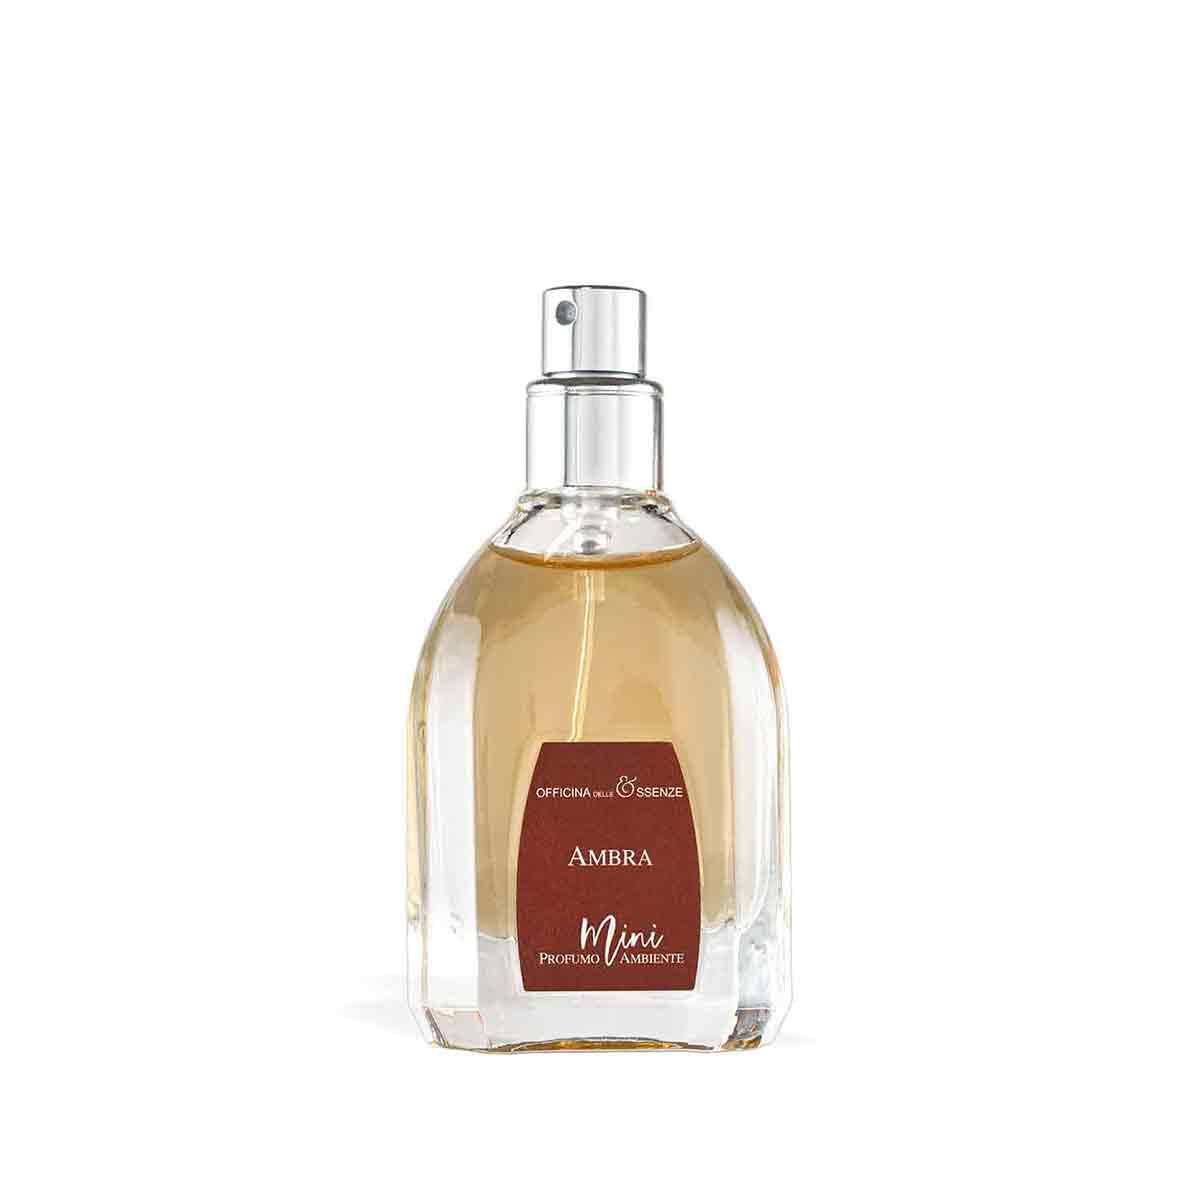 Mini profumo ambiente di Ambra da 25 ml